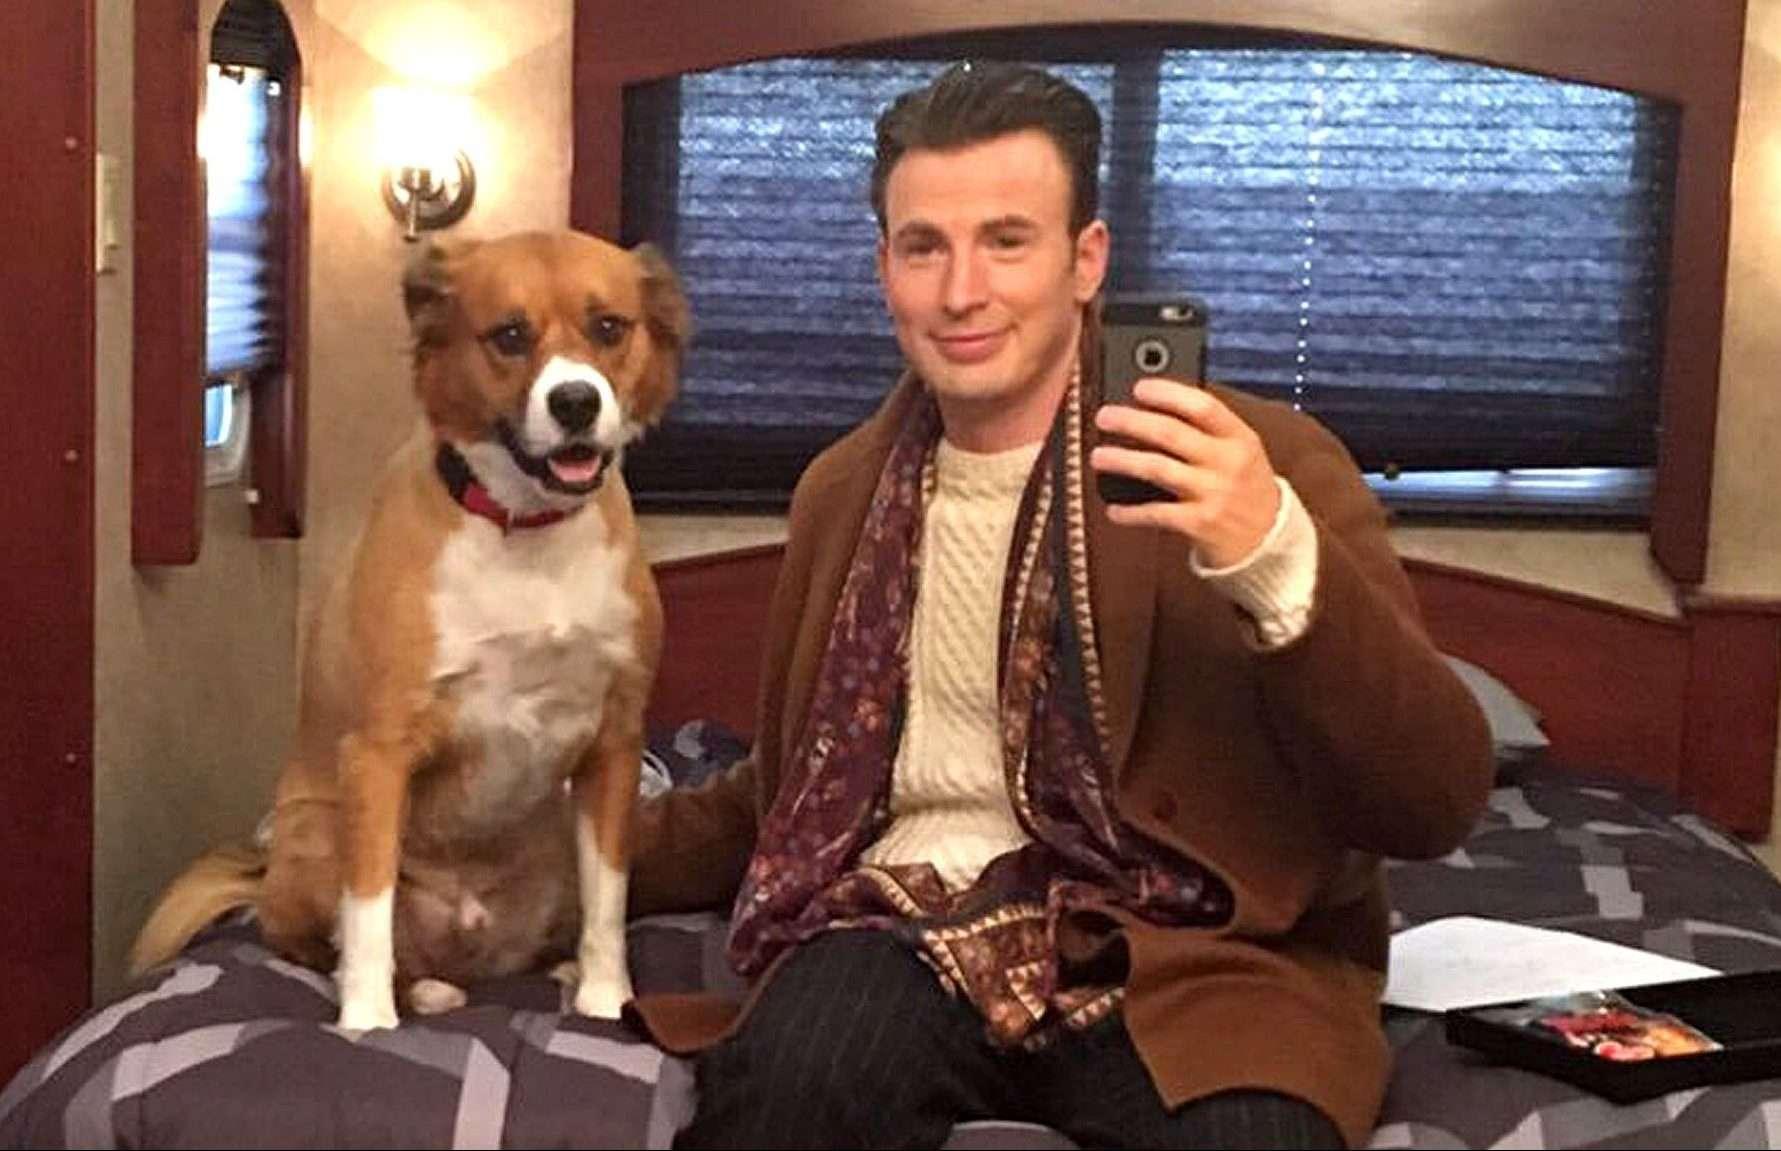 Chris-Evans-His-Dog-Dodger.jpg